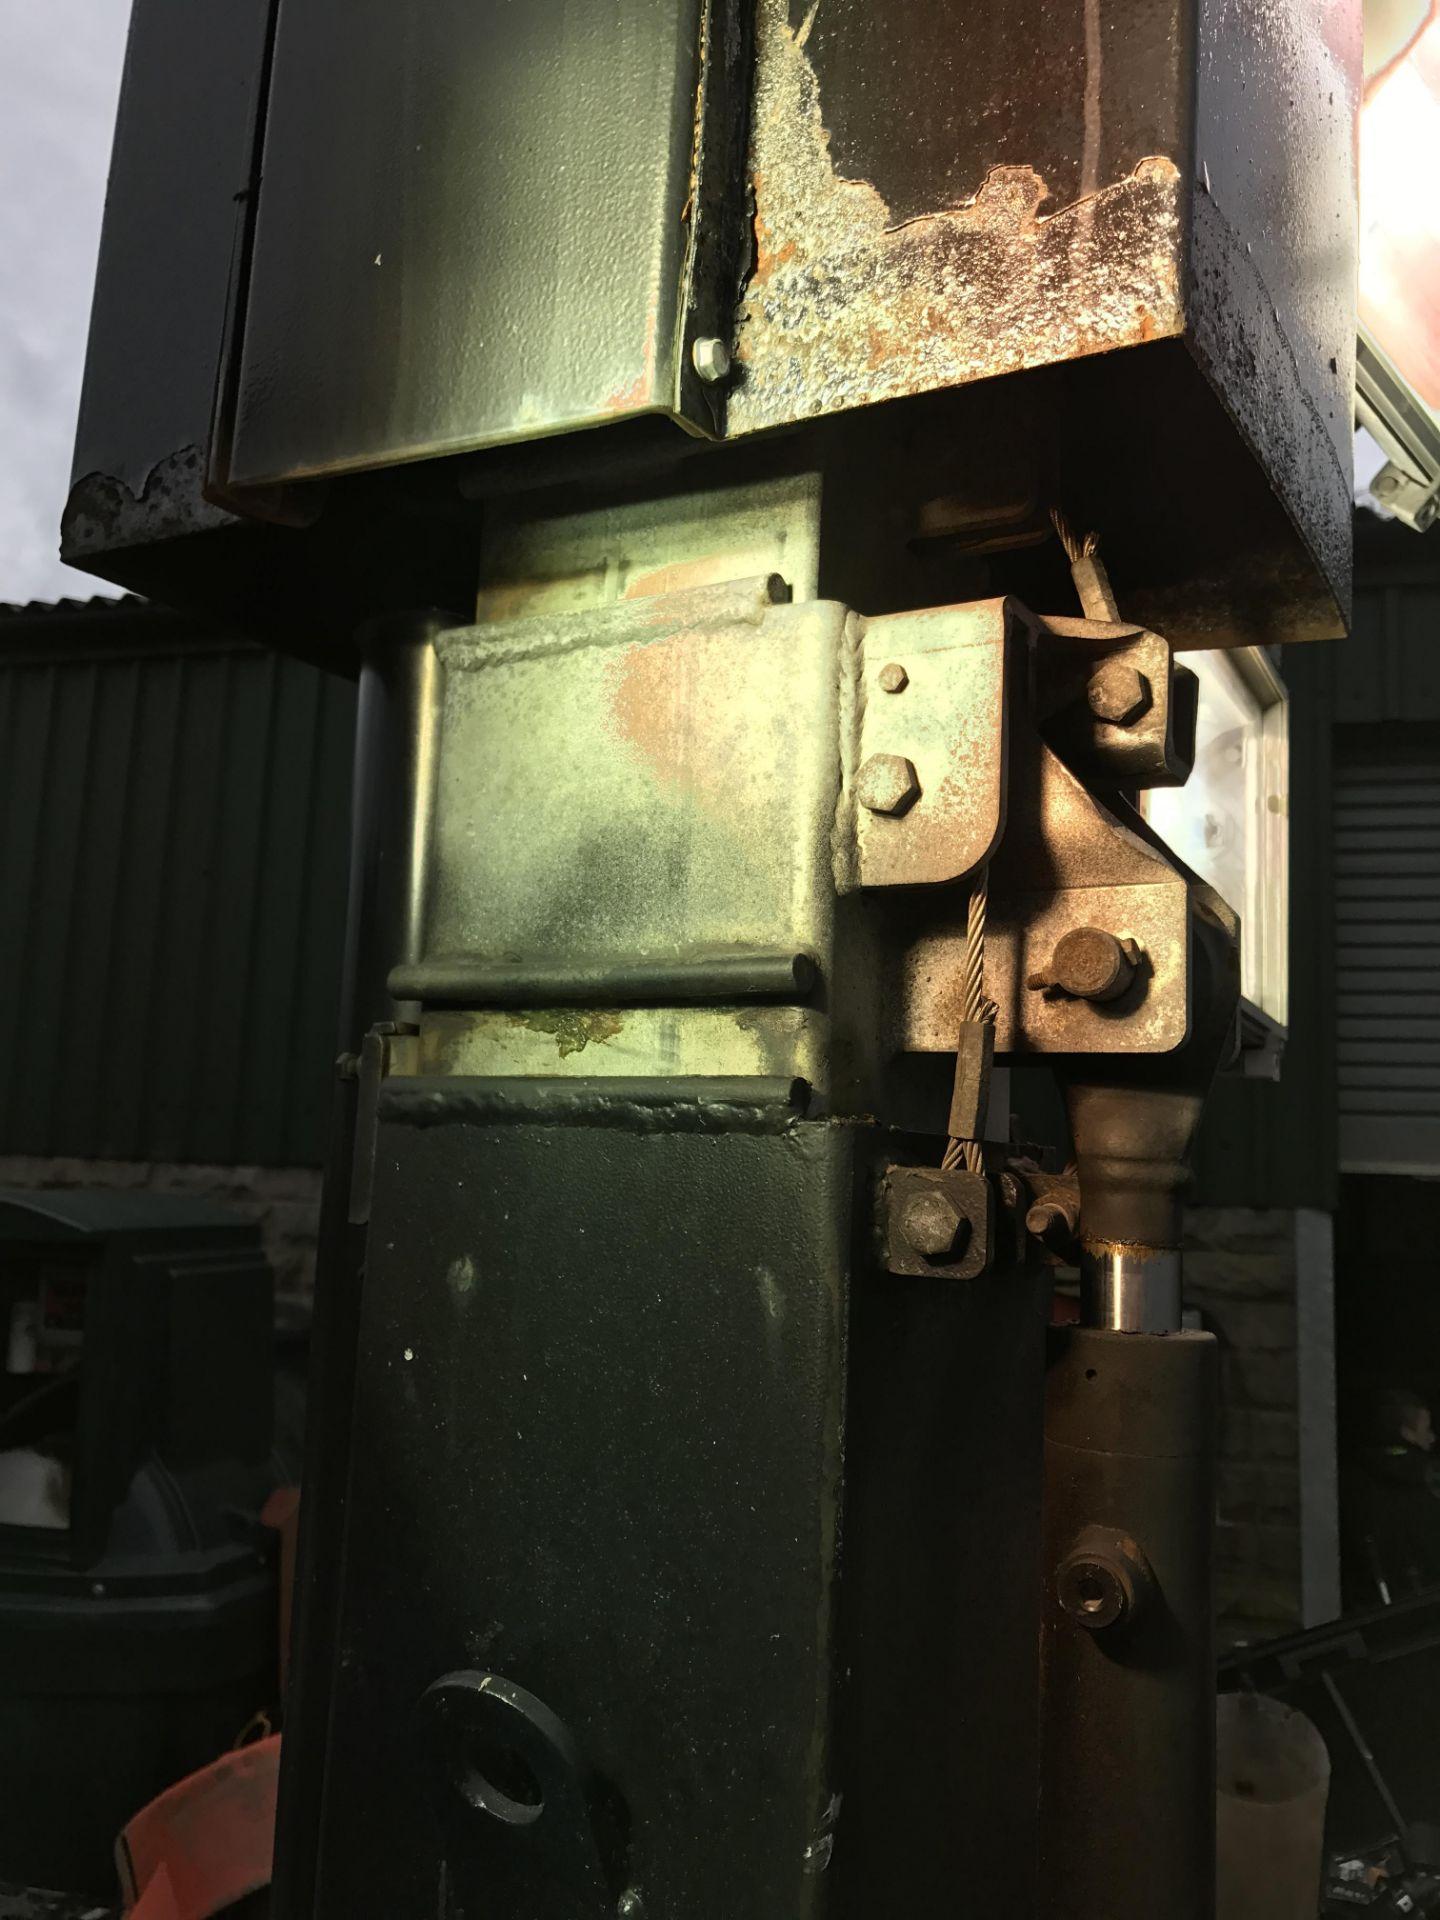 DS - VT1 LIGHTING TOWER / GENERATOR - DIESEL ENGINE DRIVEN *PLUS VAT*  SUPER LIGHT VT 1 STARTS - Image 2 of 6